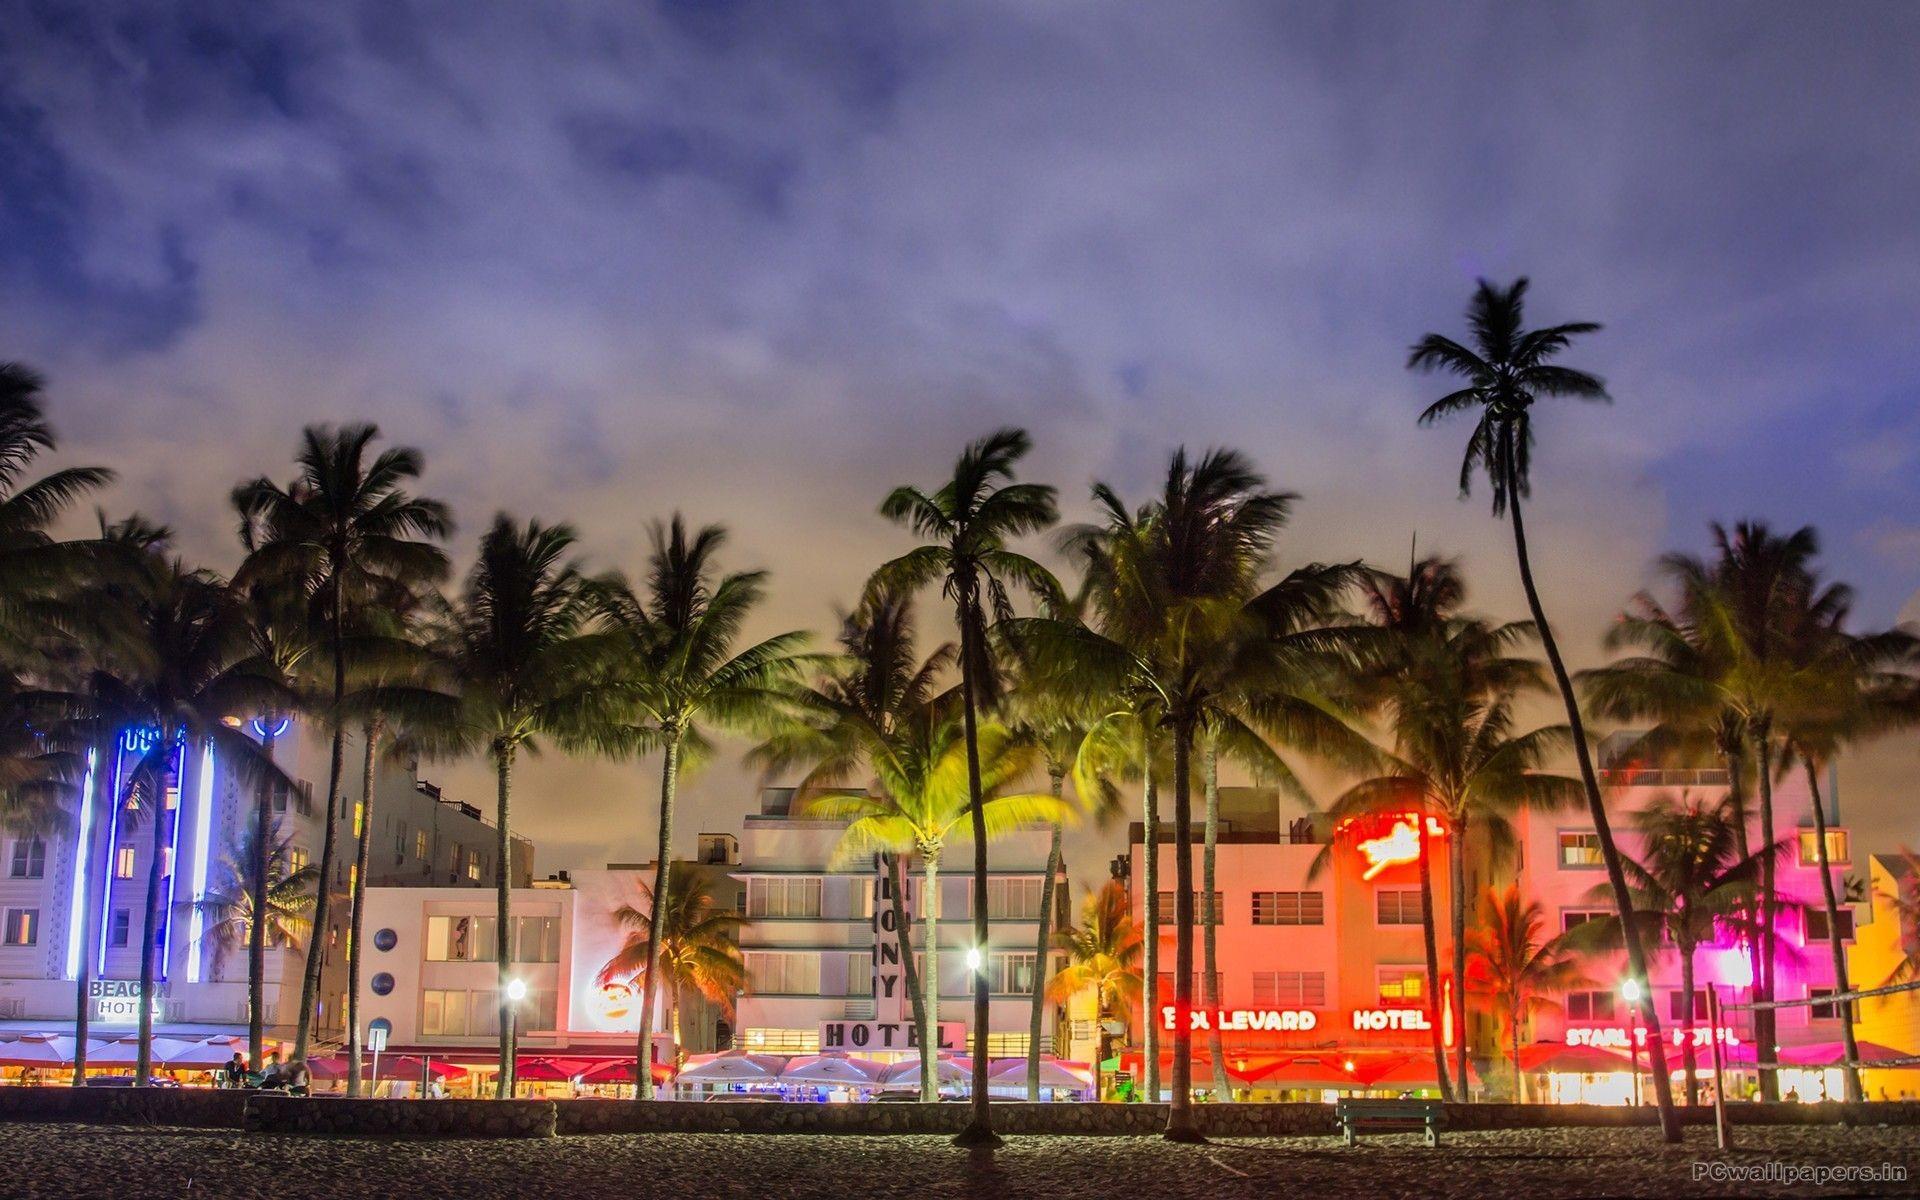 V.37 Miami Wallpaper – Miami Images